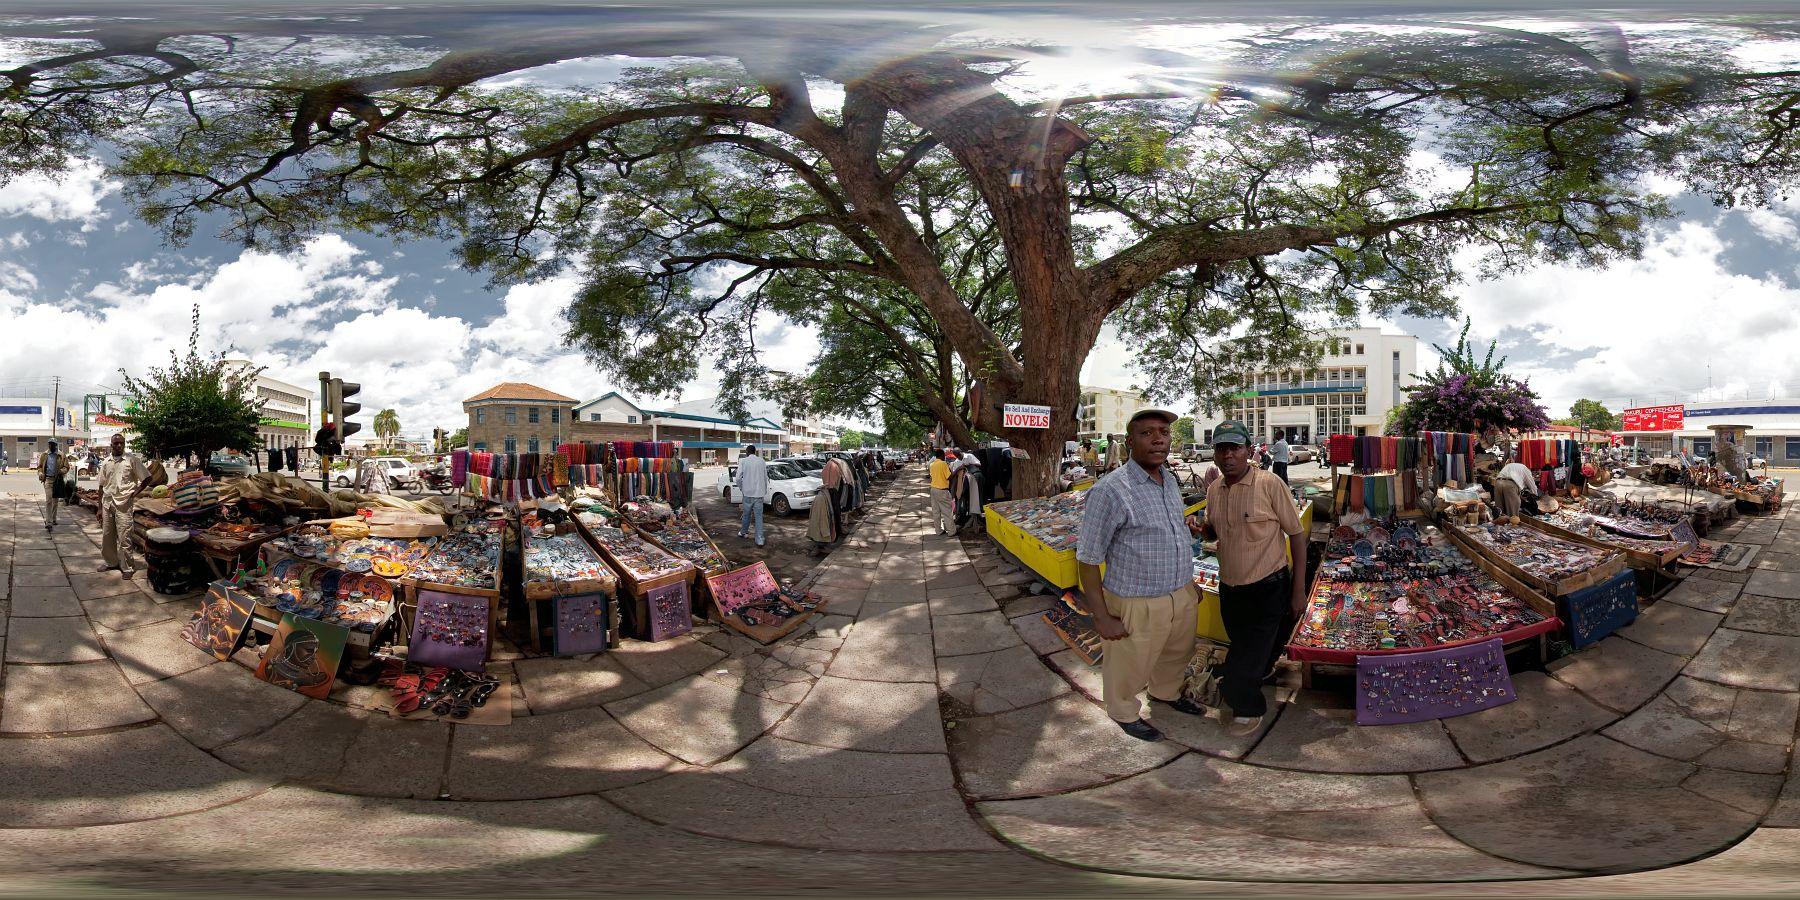 Panorama Kenia Nakuru Schitzermarkt 1